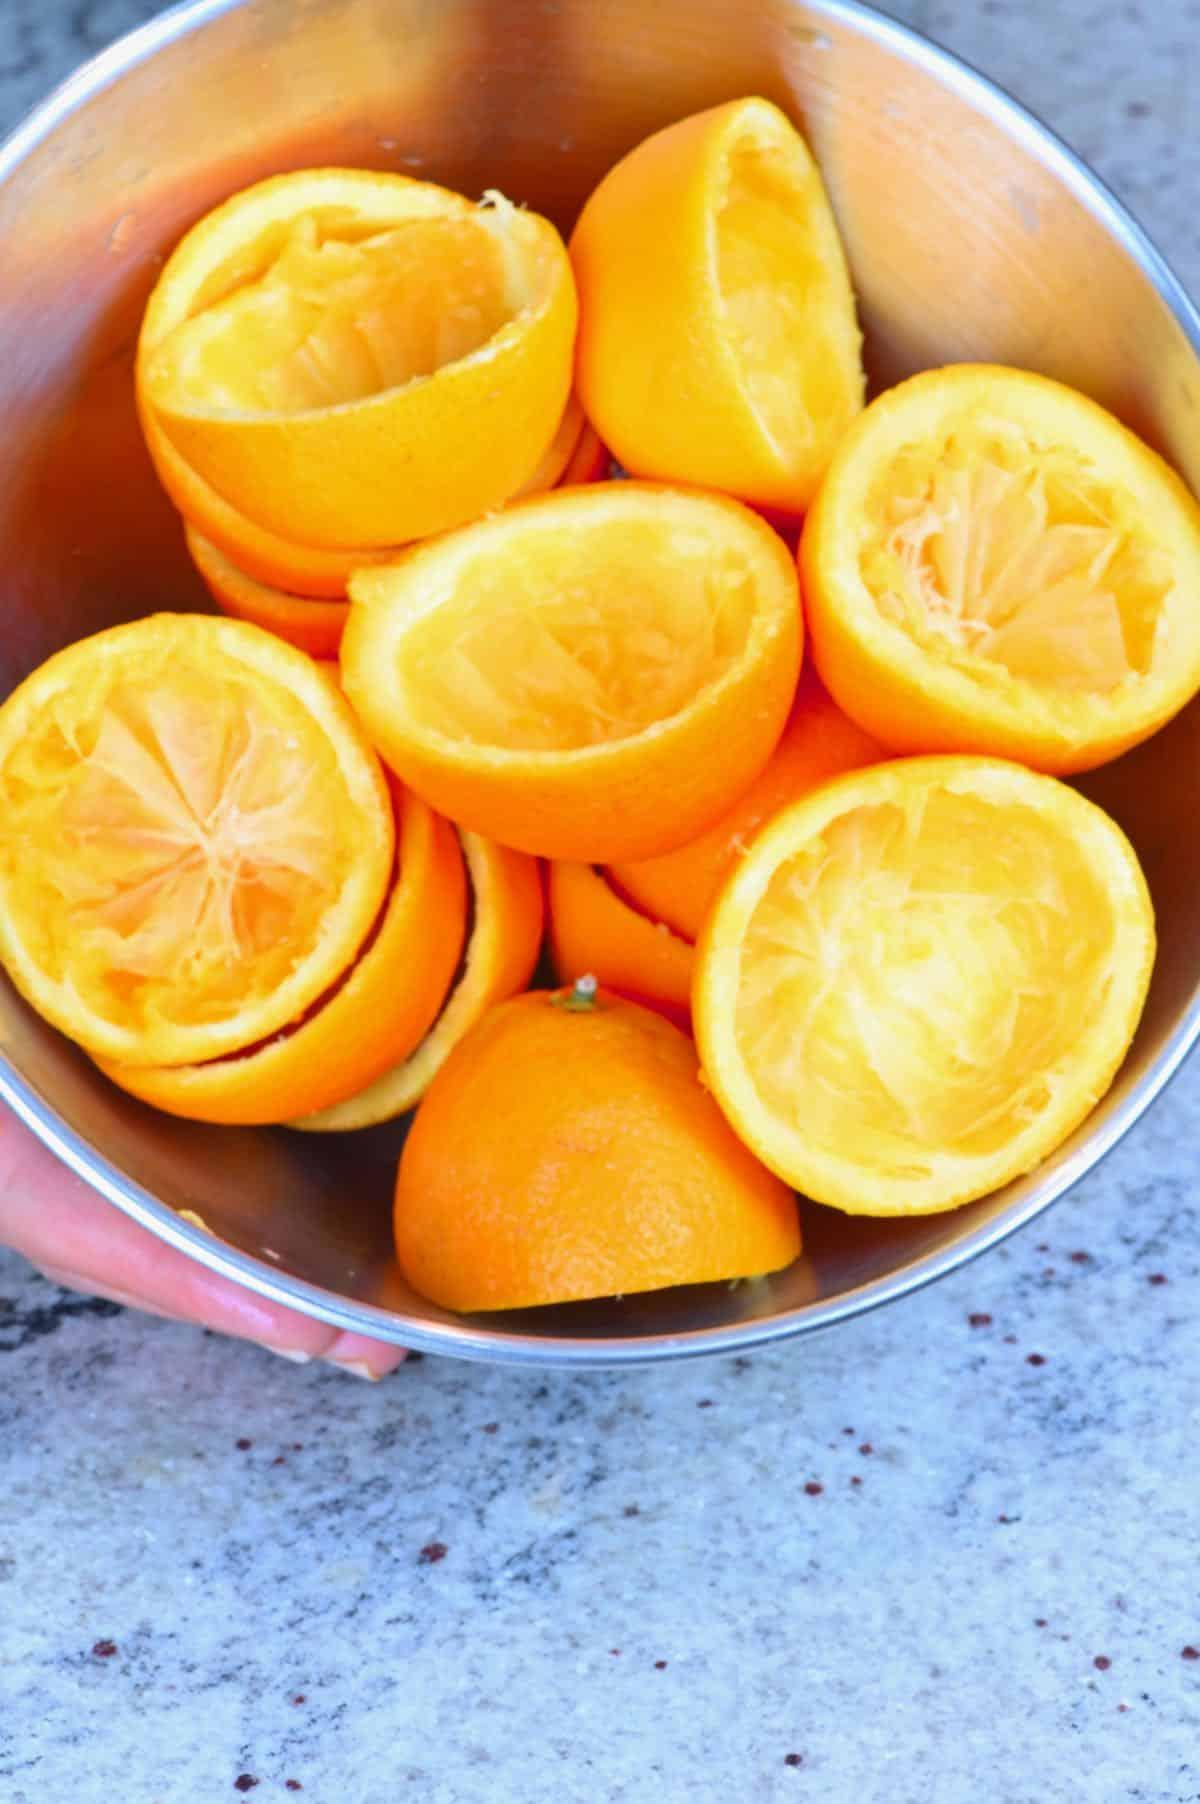 Leftover orange skins